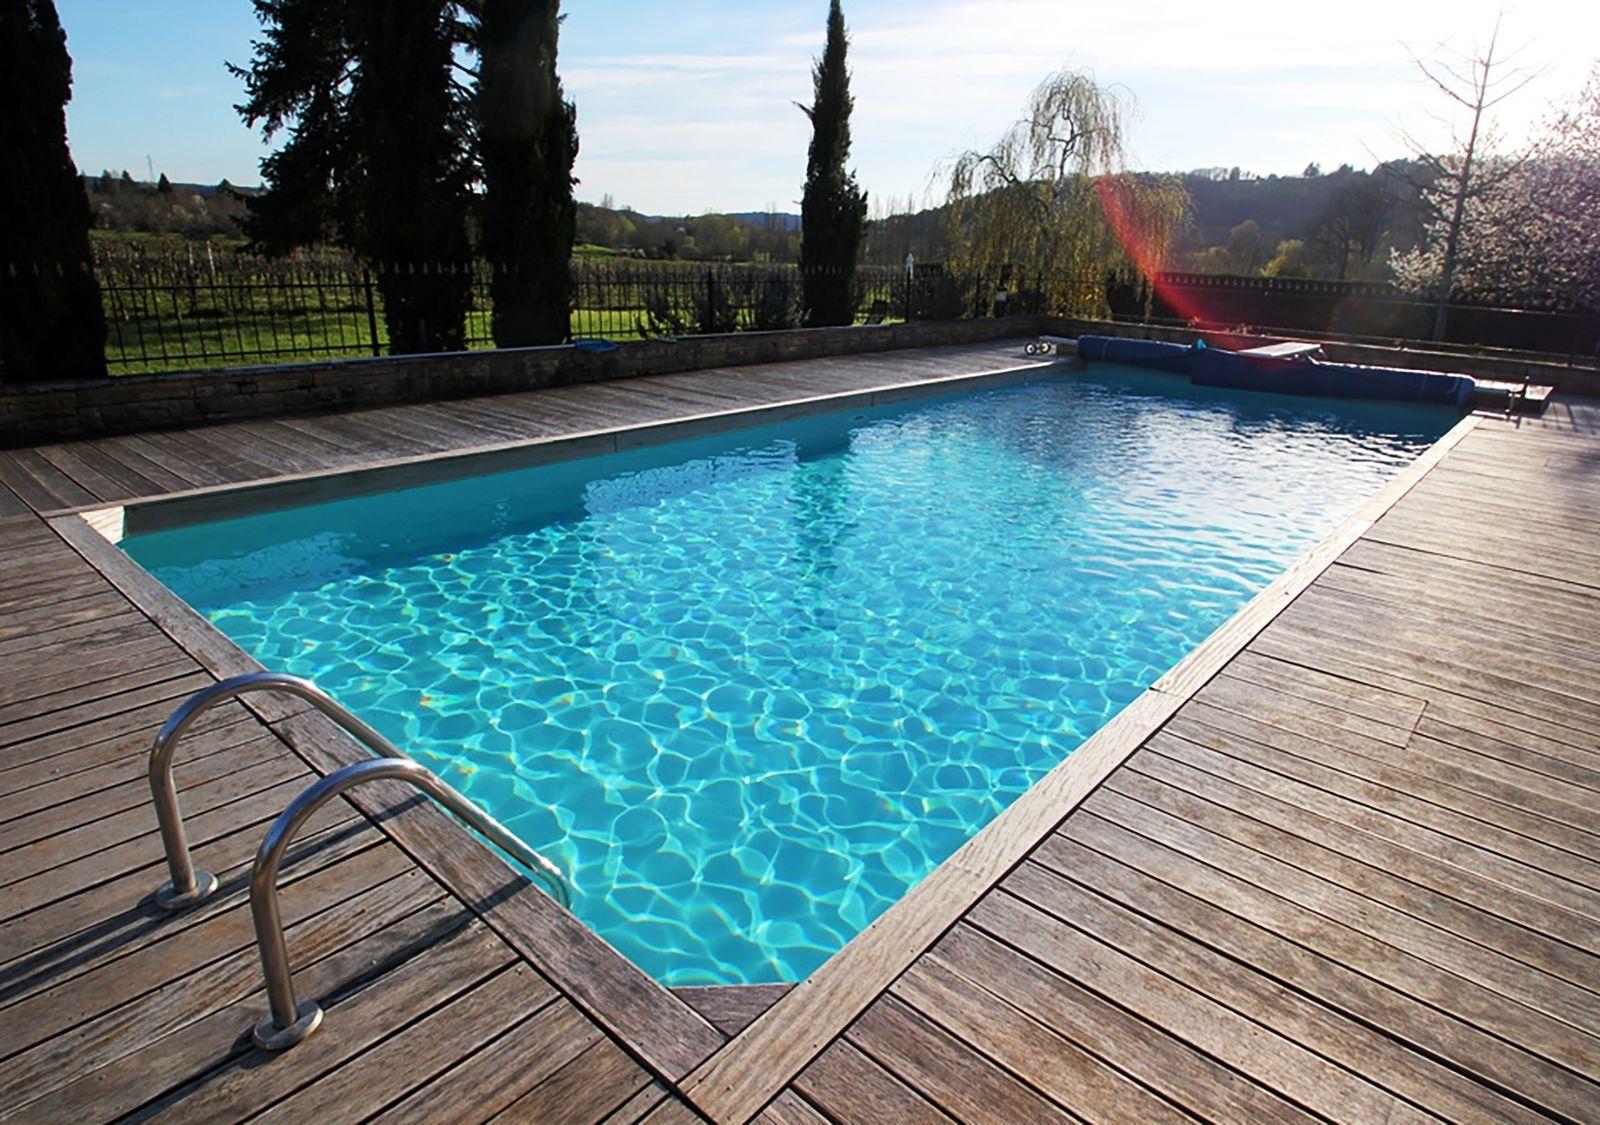 Chateau prayssac bakkershuis vrijstaand huis met zwembad - Huis design met zwembad ...